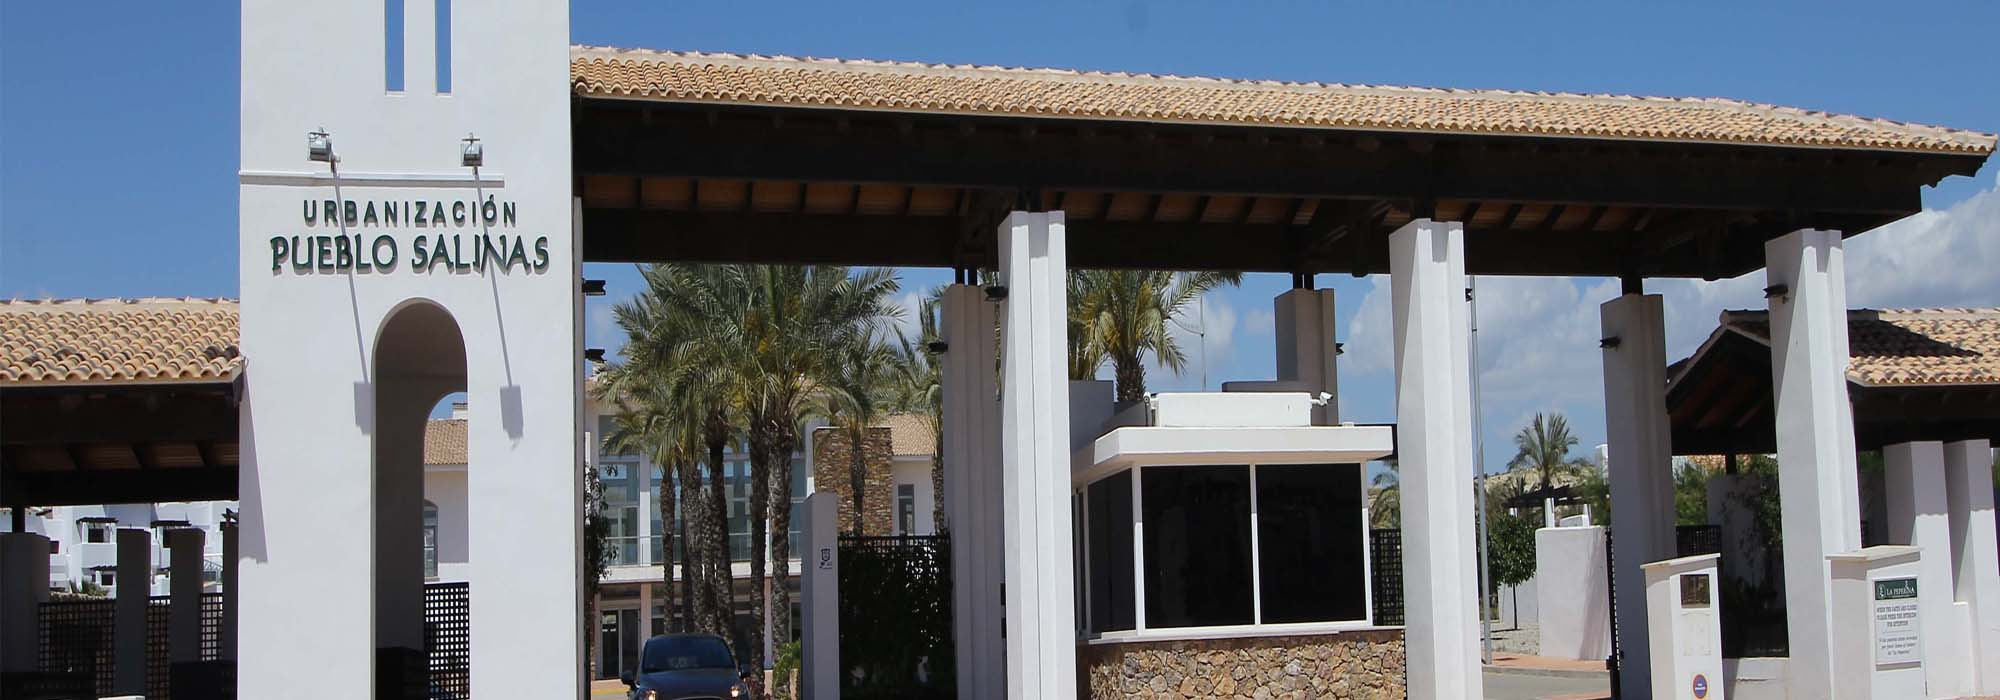 Plaza de aparcamiento. Alcazaba. Vera Playa